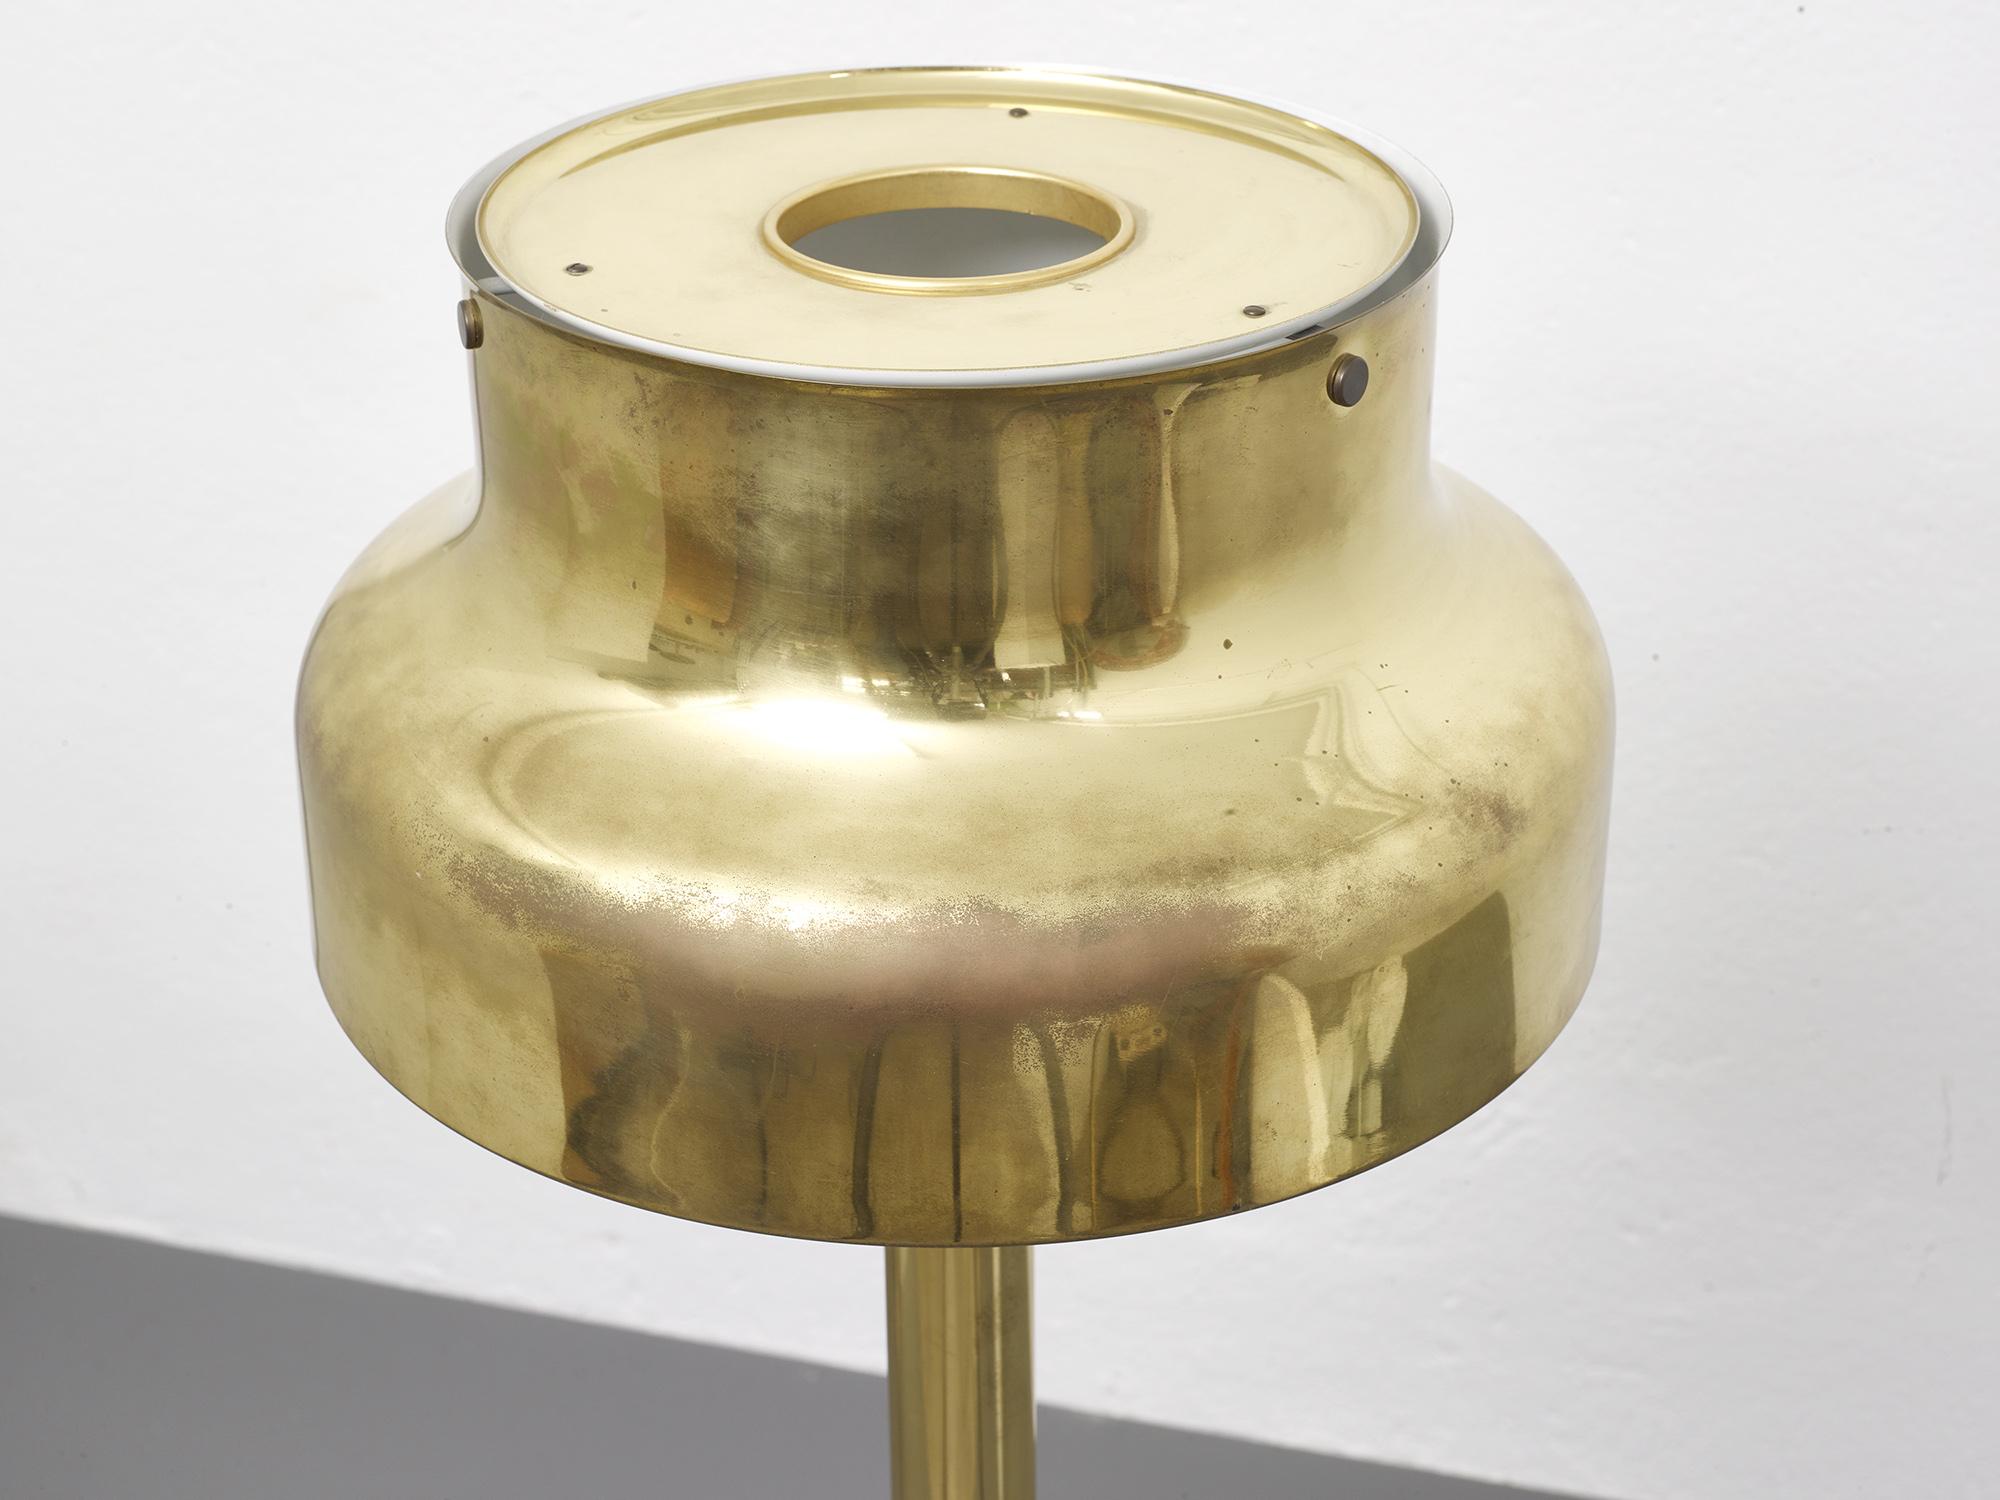 lampe-de-sol-bumling-en-laiton-de-anders-pehrson-1968-image-05